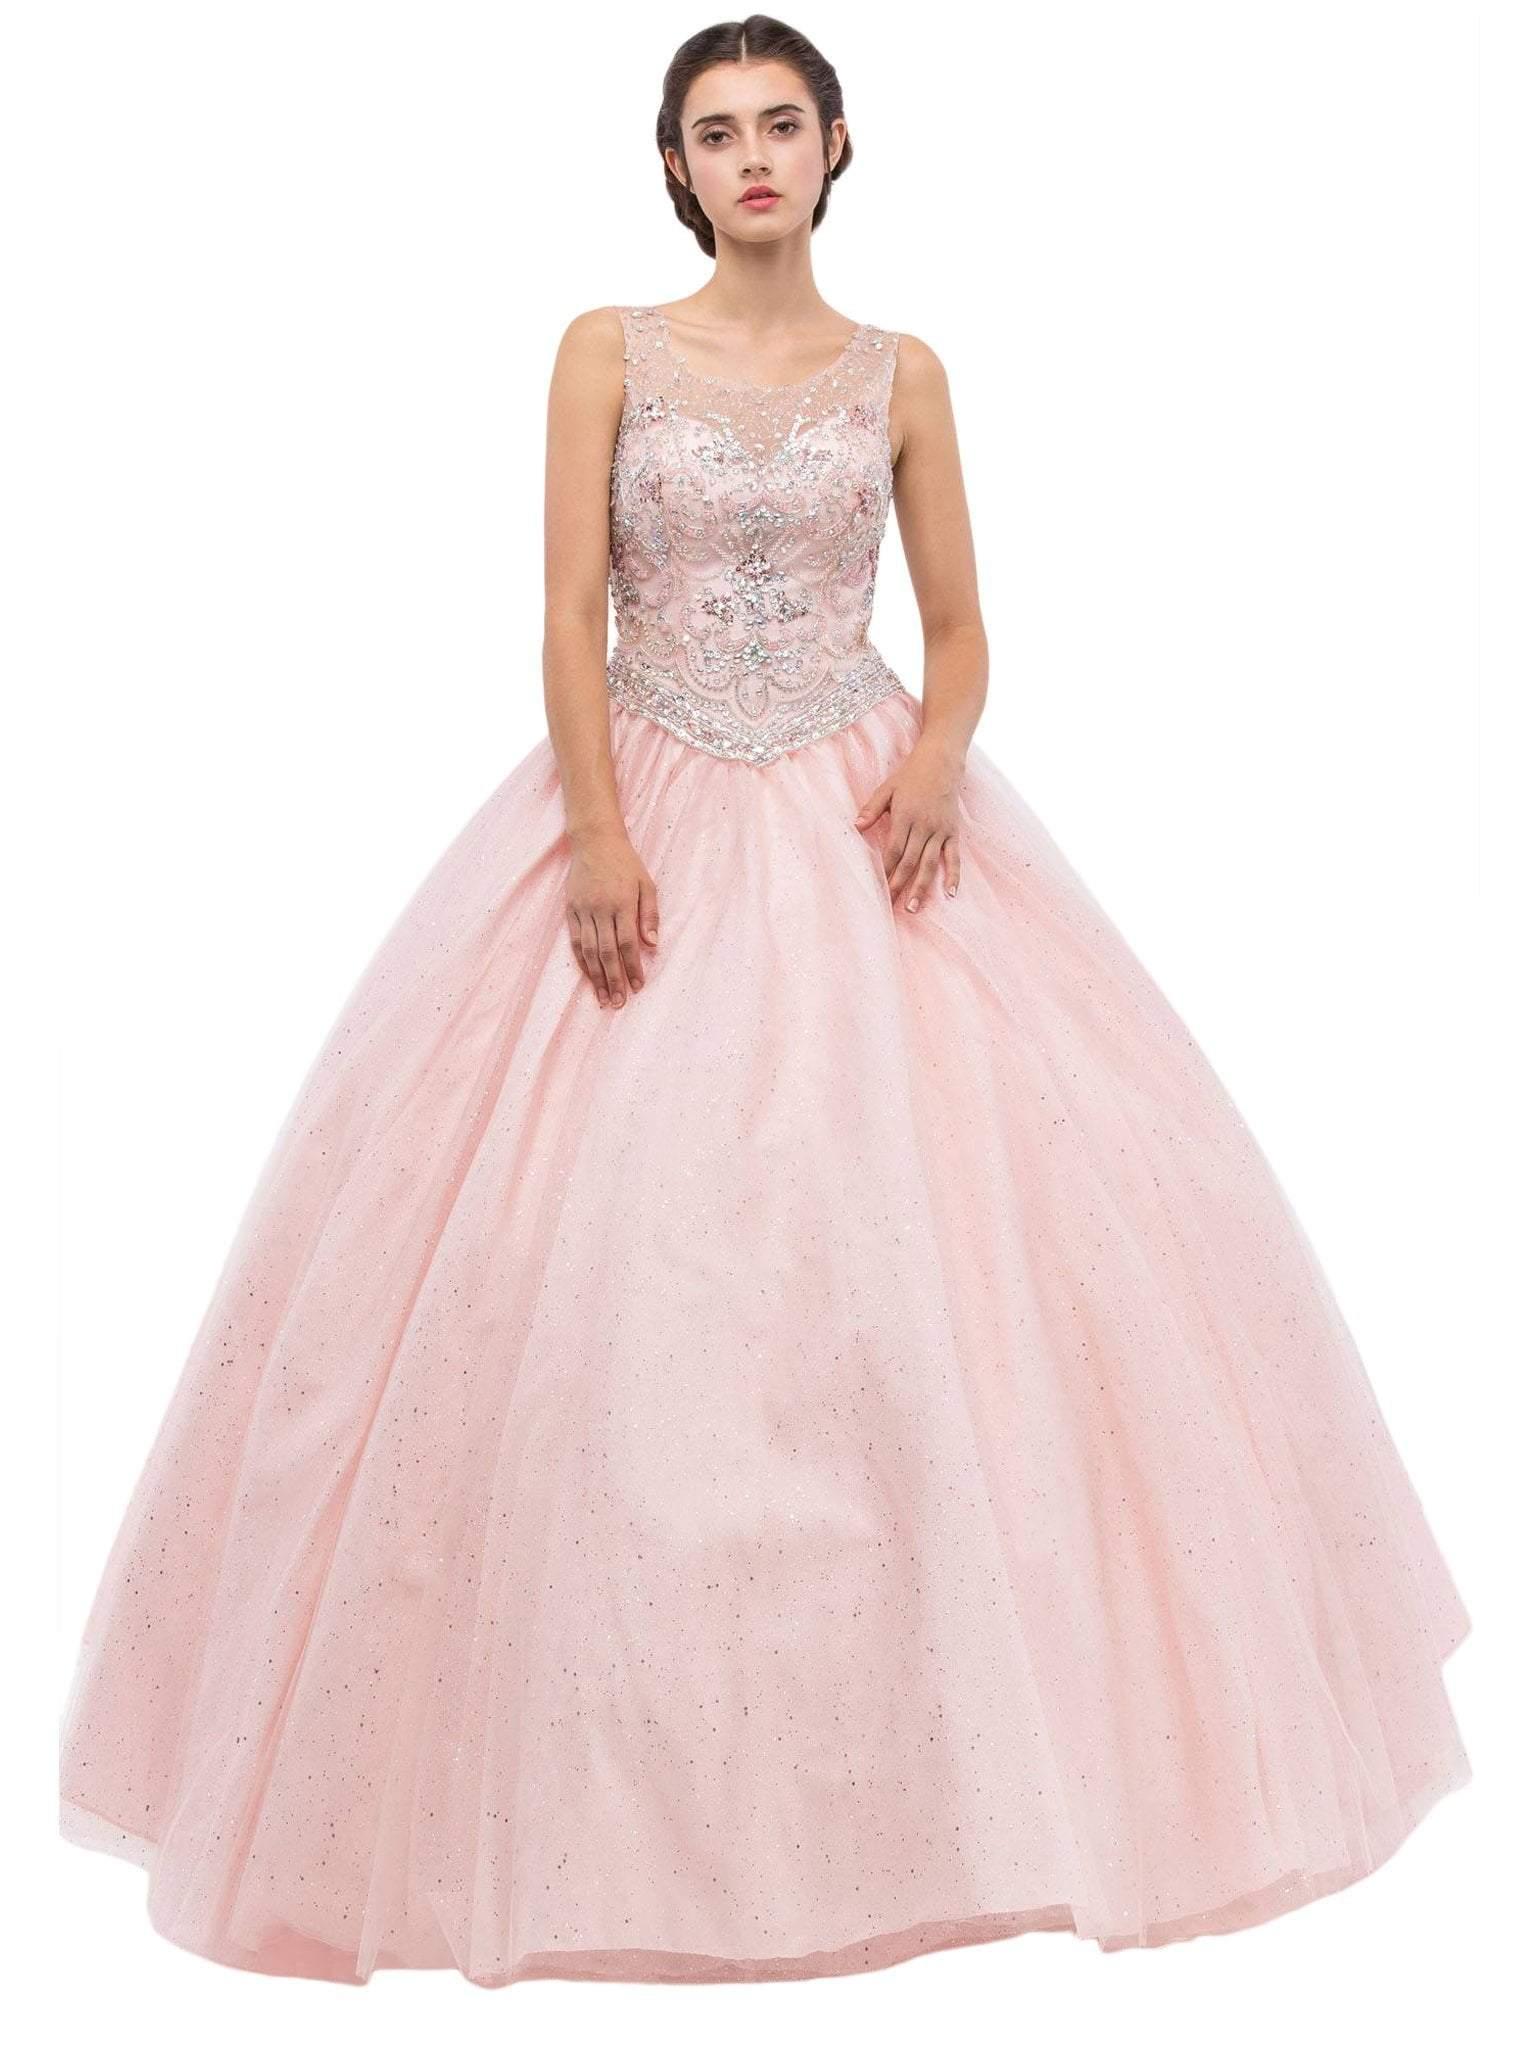 Eureka Fashion - 3077 Sleeveless Beaded Illusion Scoop Ballgown